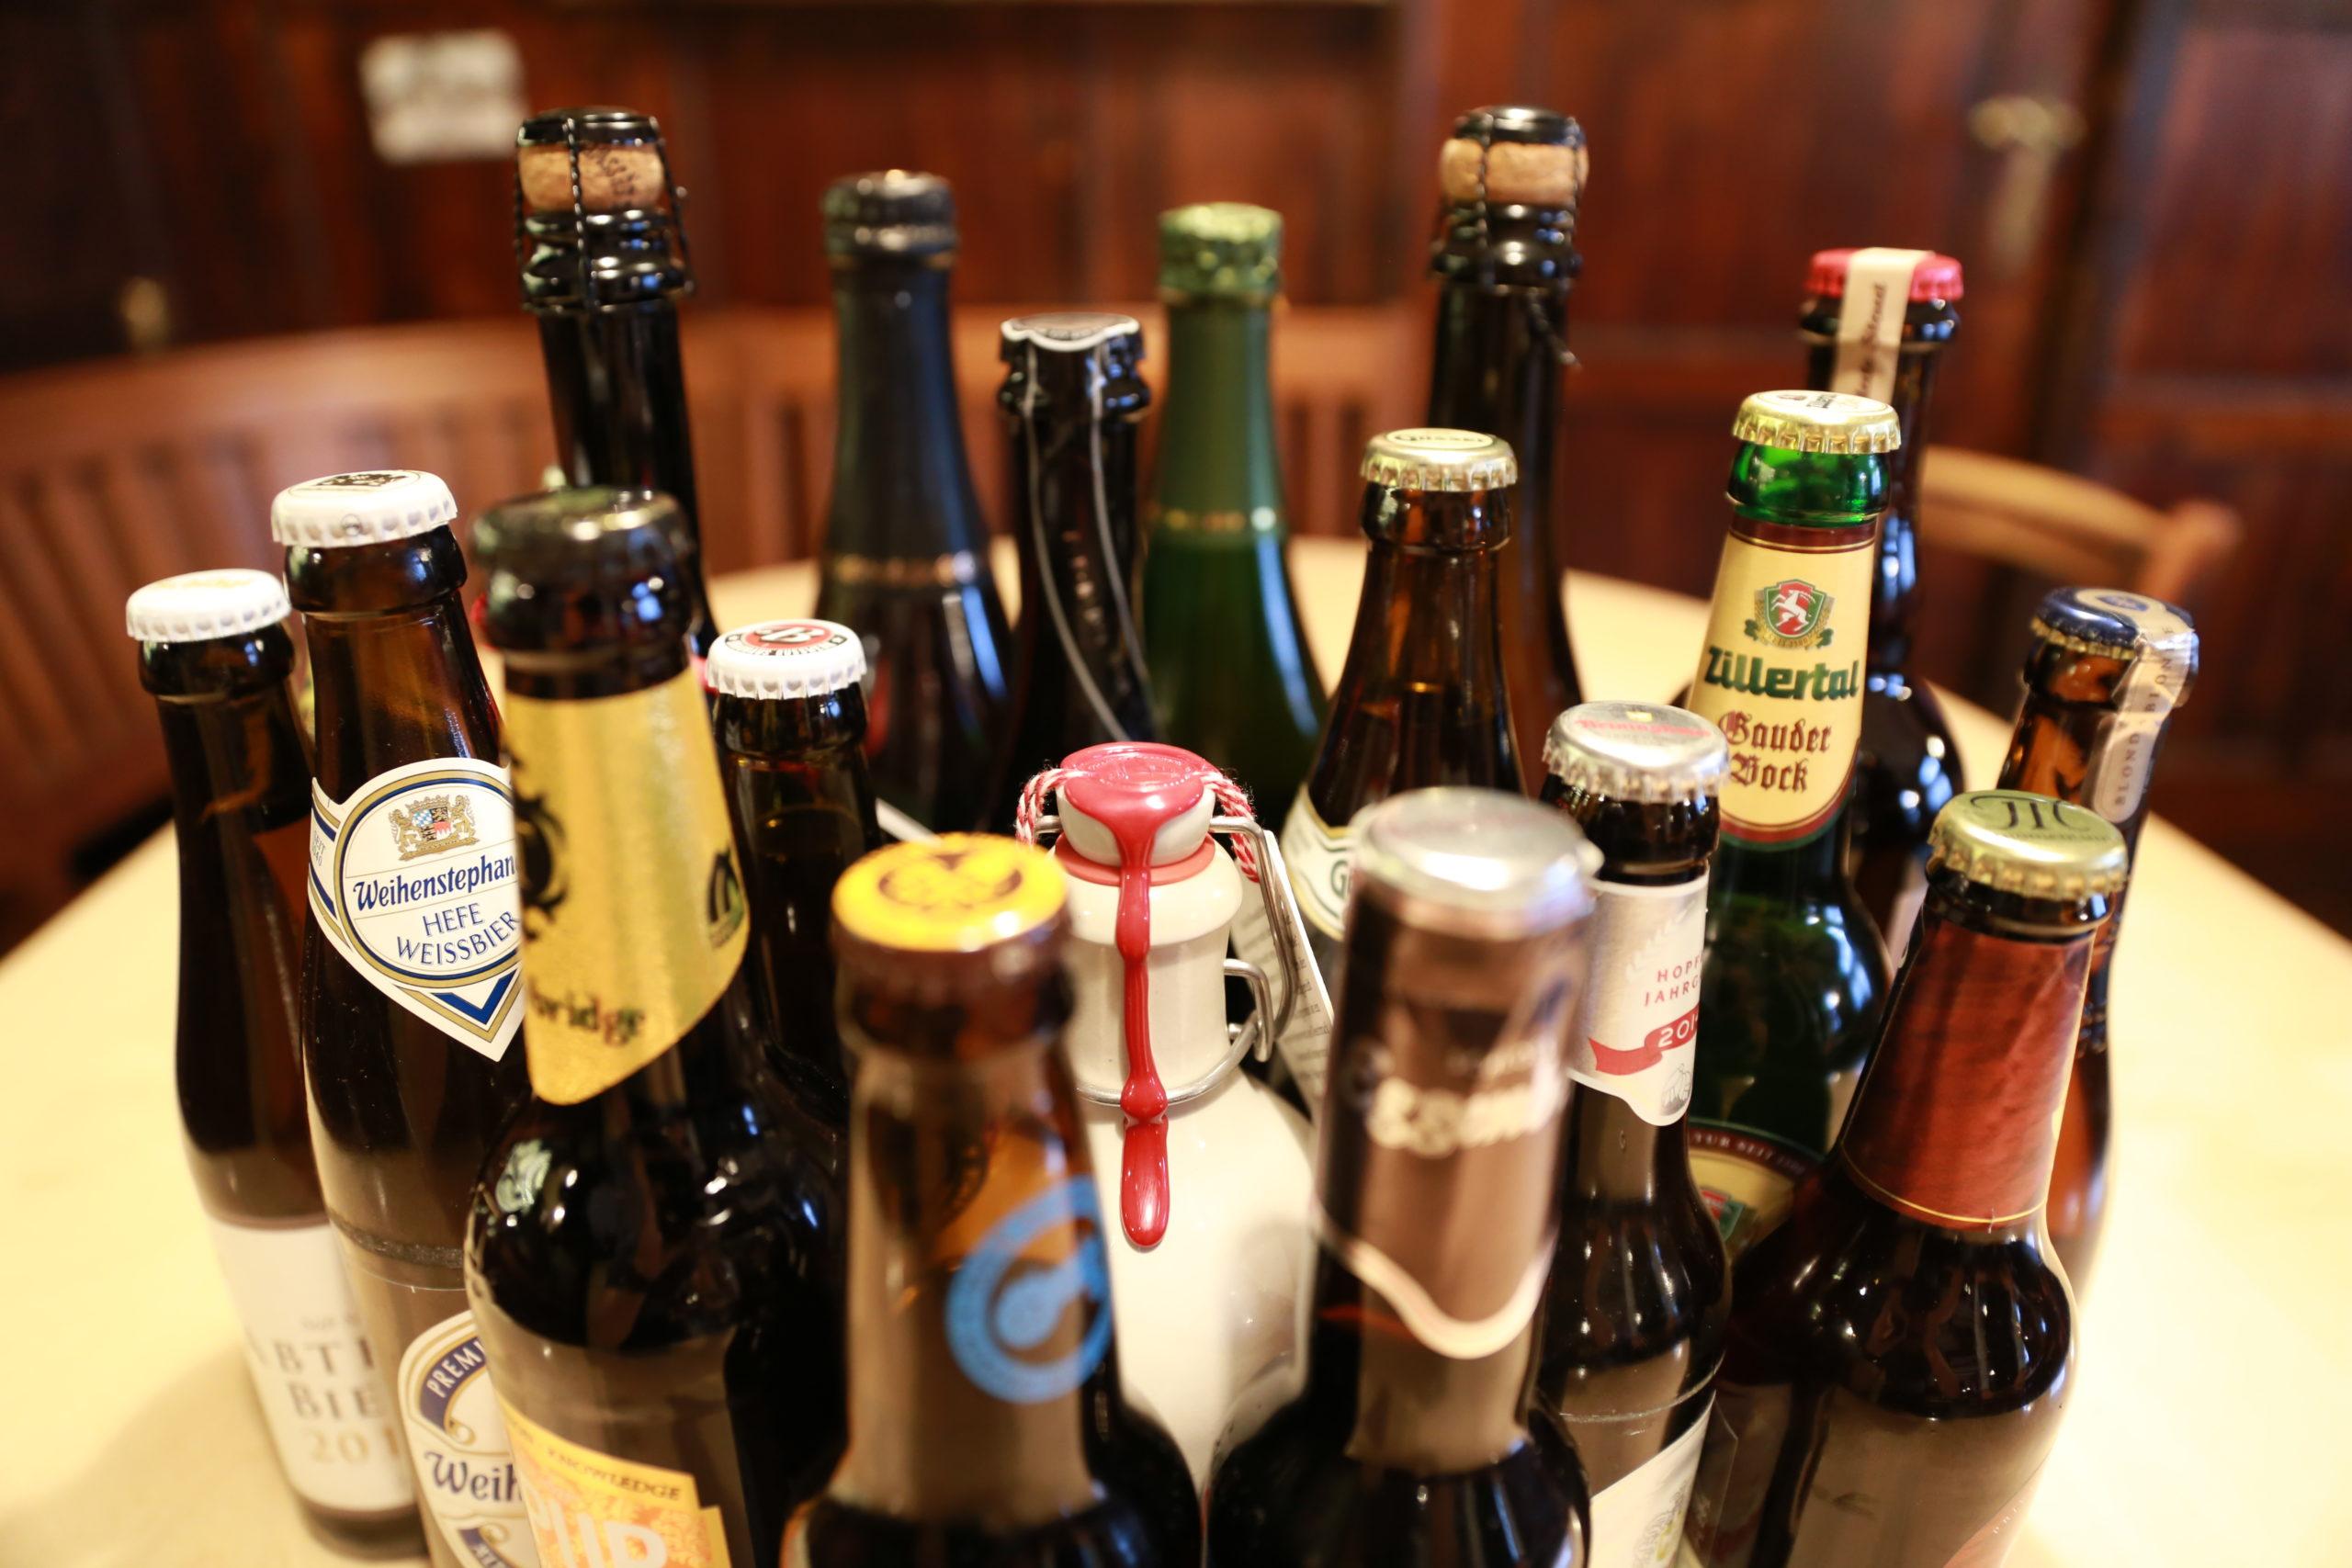 Professionelle Bierverkostung buchen!